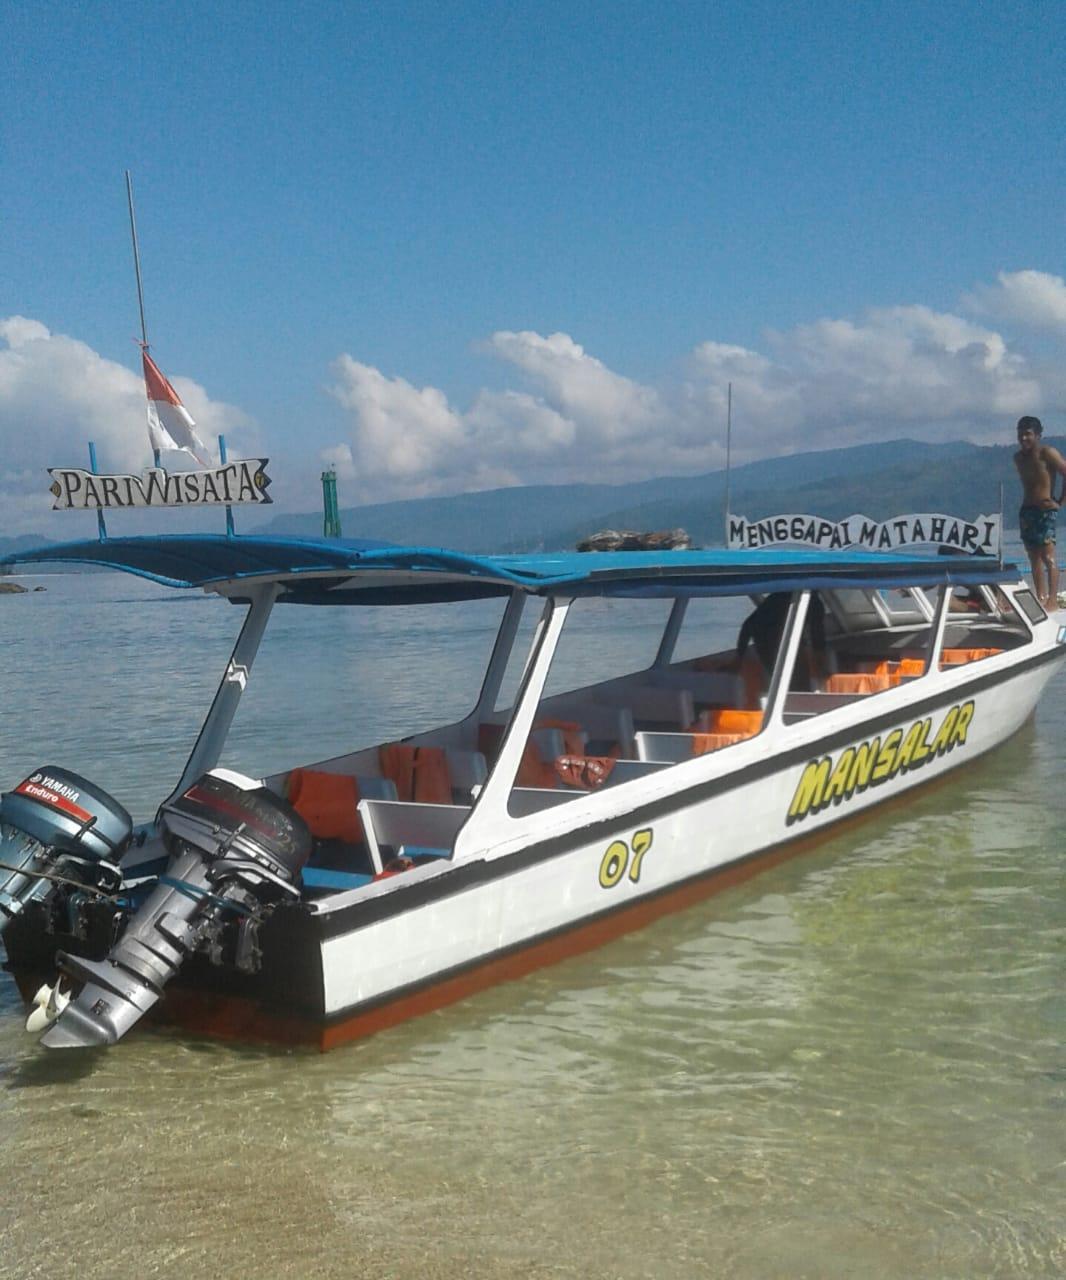 Mansalar Boat Trip Pantai Pandan - Pulau Mursala